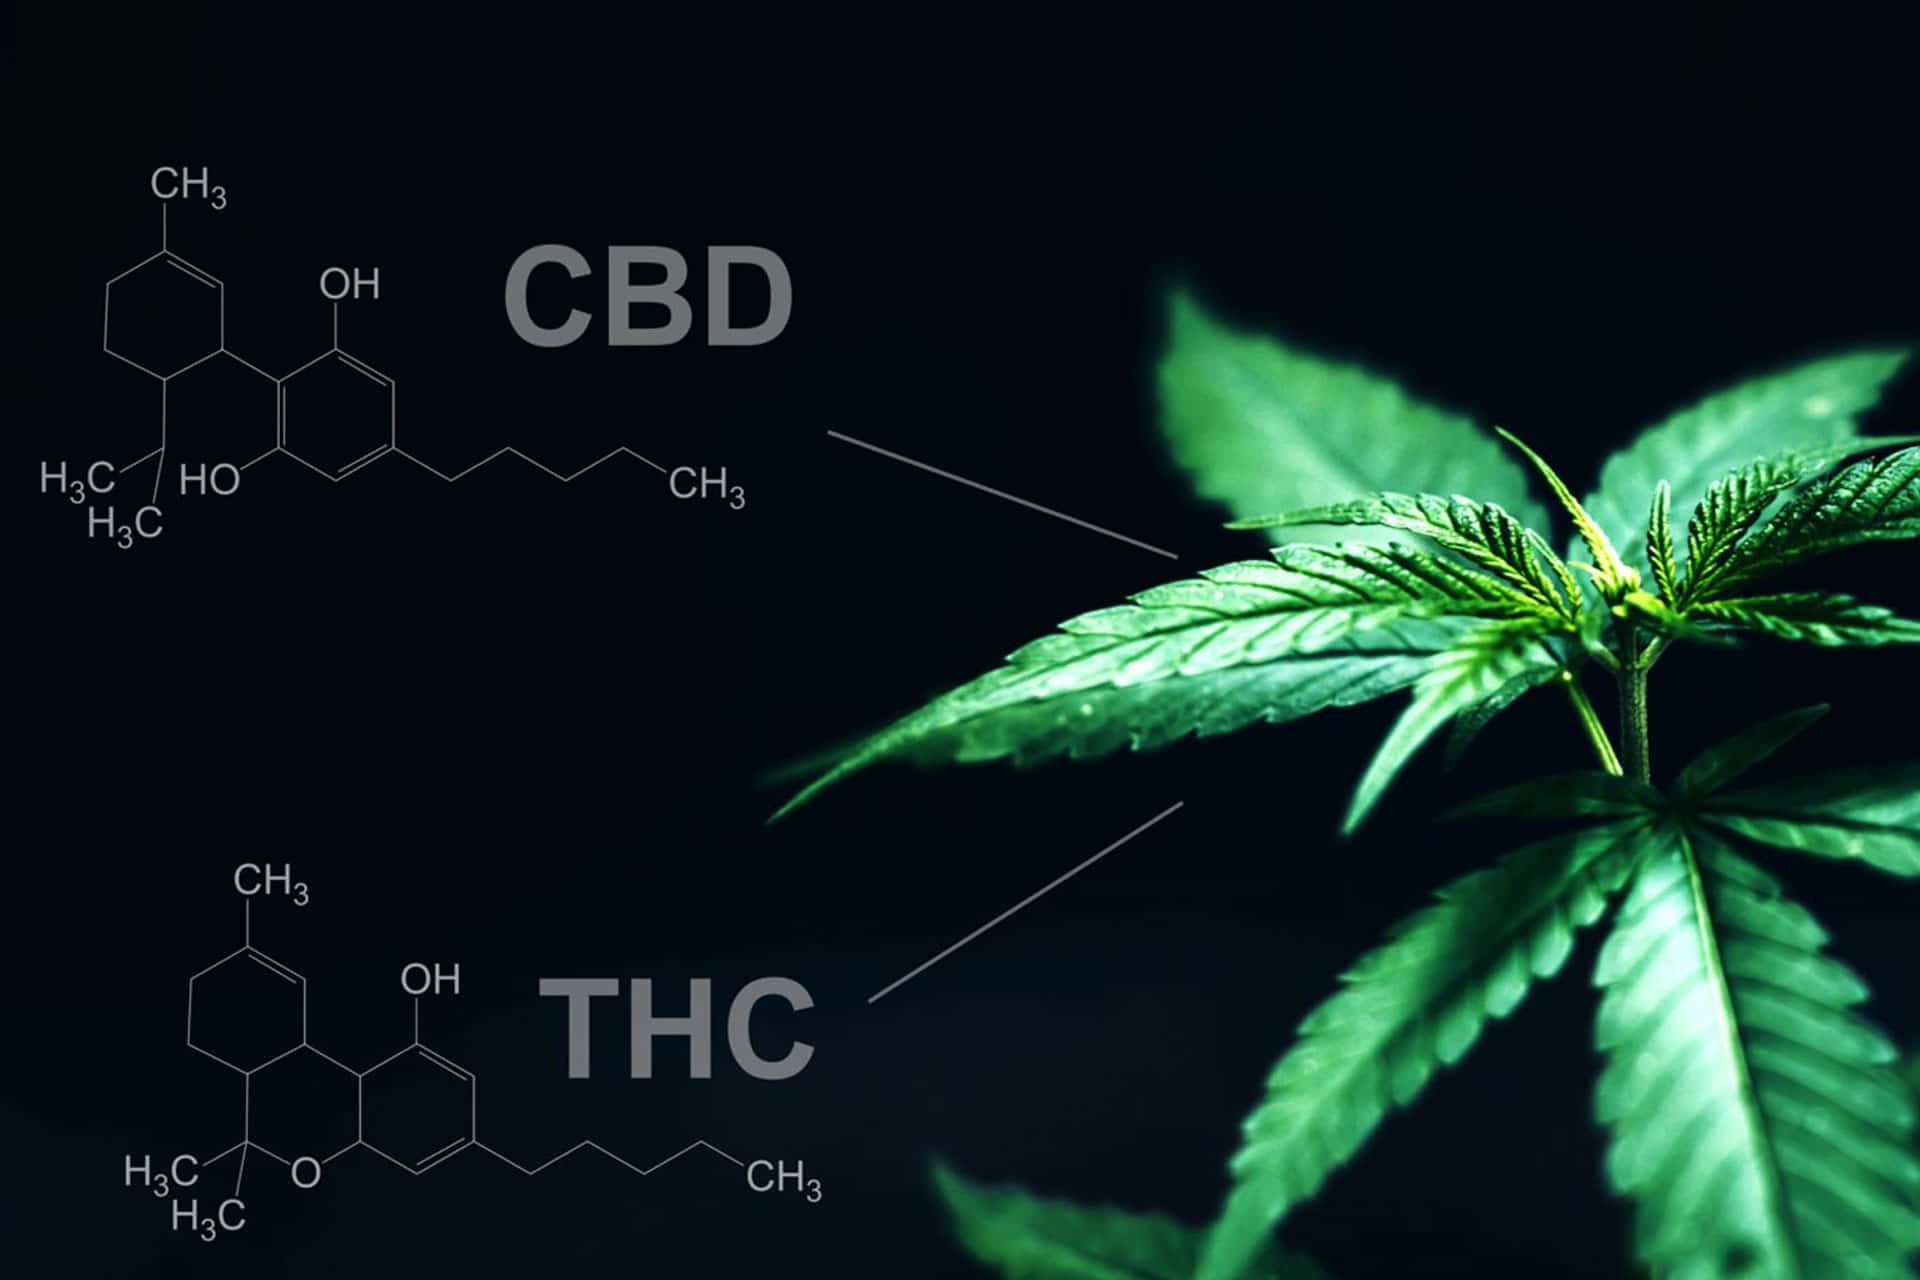 Les différences entre le CBD et le THC